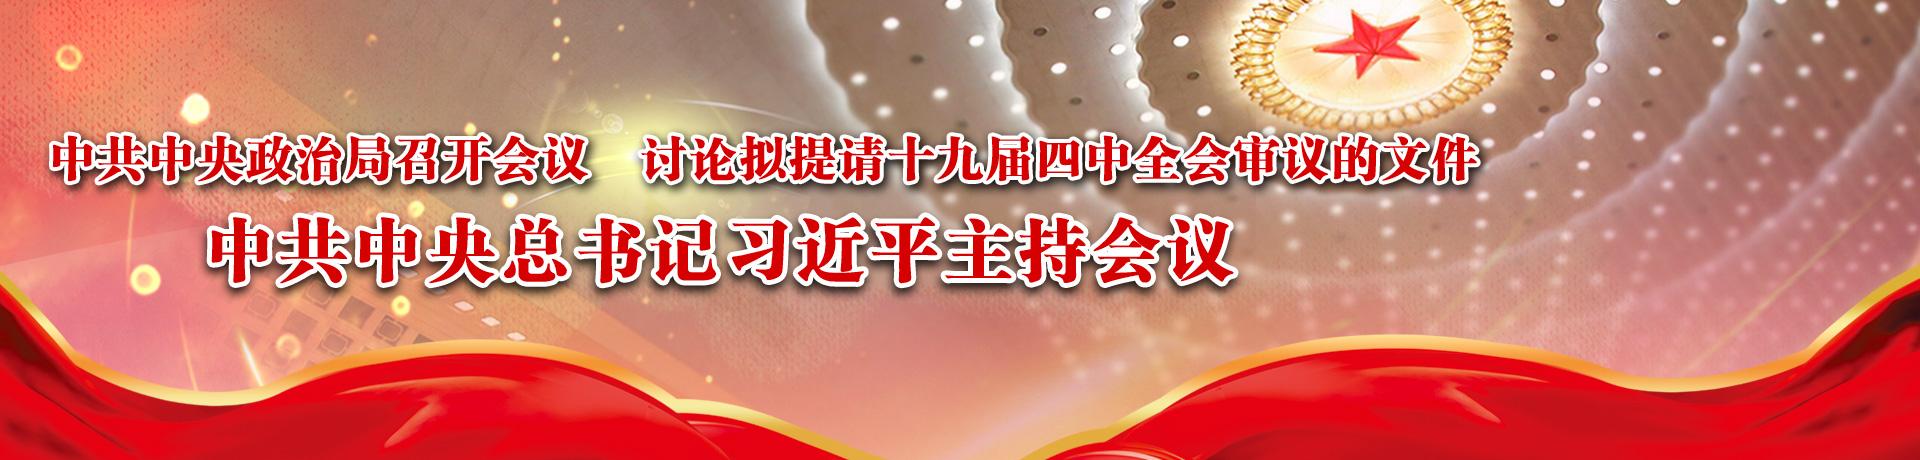 中共中央政治局召開會議 討論擬提請十九屆四中全會審議的文件 中共中央總書記習近平主持會議